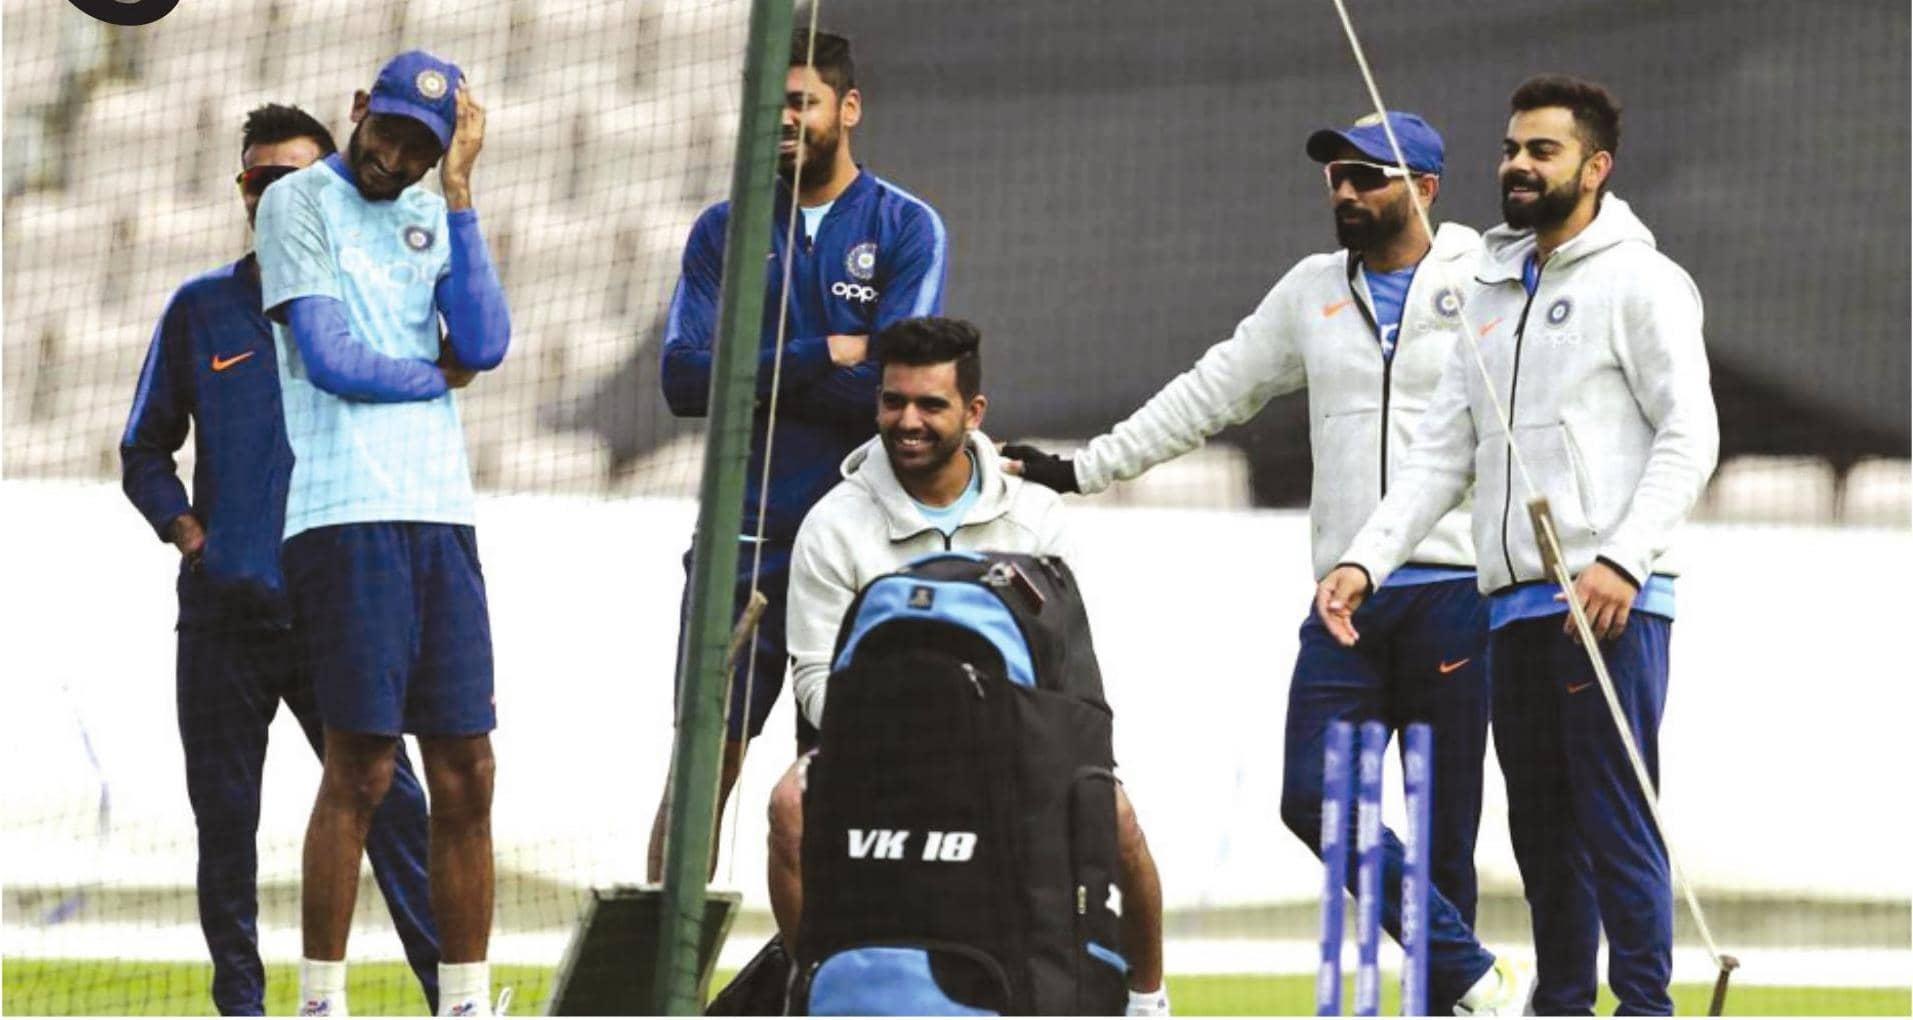 પ્રેક્ટિસઃ ટીમ ઇન્ડિયાના ખેલાડી માટે સુરક્ષિત સ્થળ શોધી રહી છે BCCI